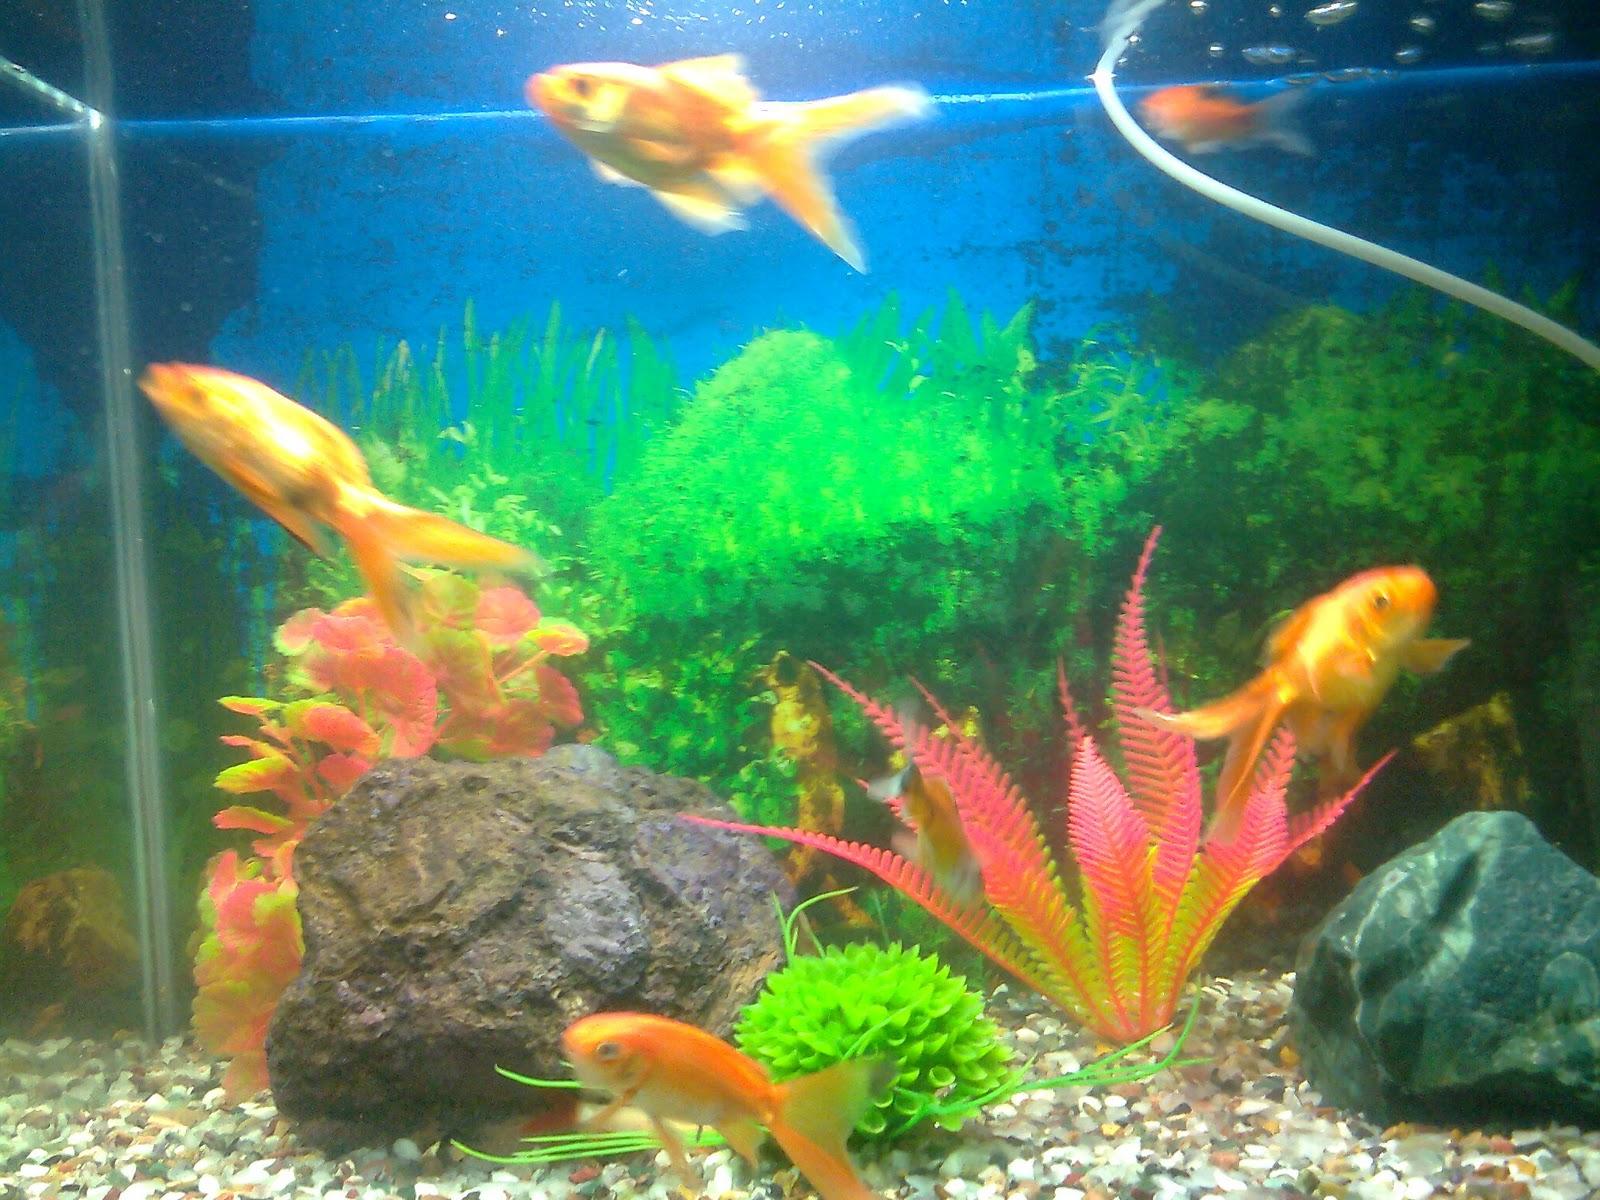 Goldfish Care 101: How to Keep a Pet Goldfish